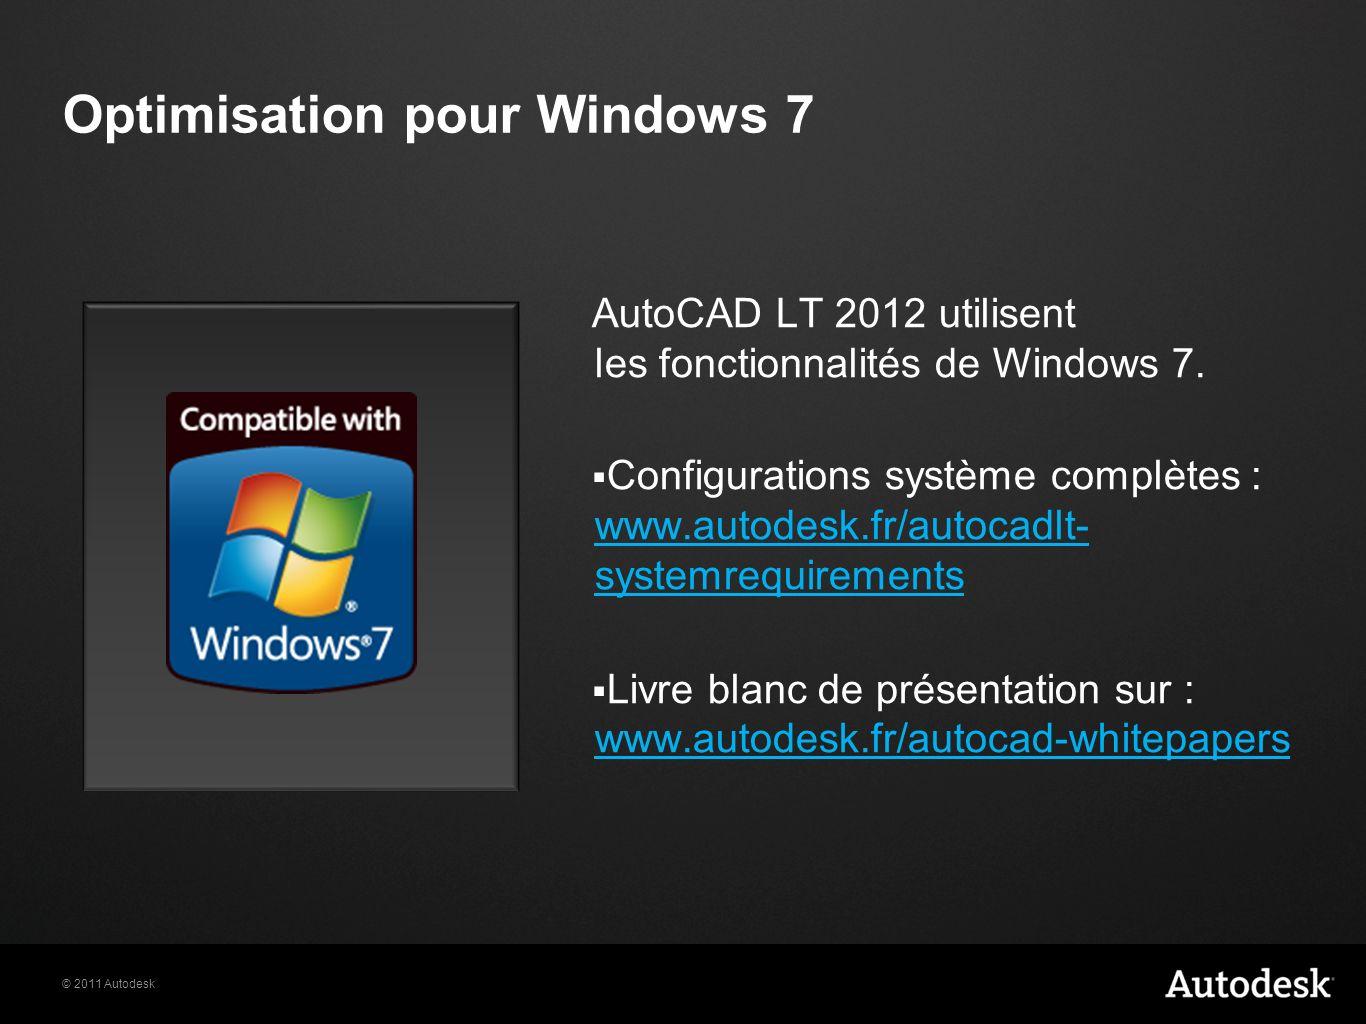 © 2011 Autodesk Optimisation pour Windows 7 AutoCAD LT 2012 utilisent les fonctionnalités de Windows 7.